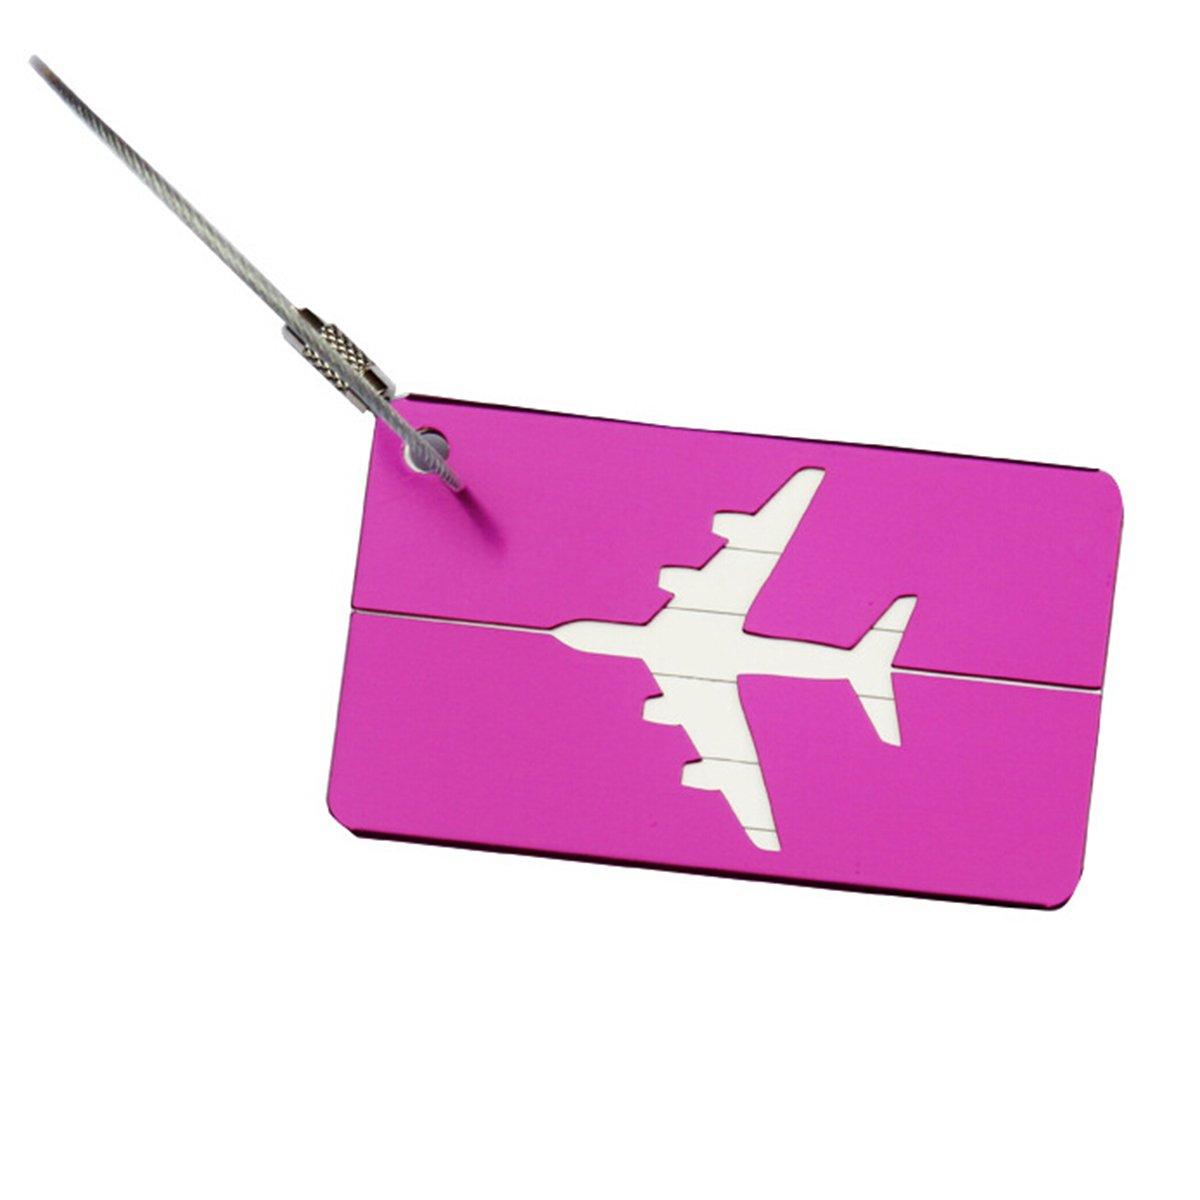 PIXNOR Luggage Tag with Key Ring Travel ID Bag Tag Key Tag (Purple)